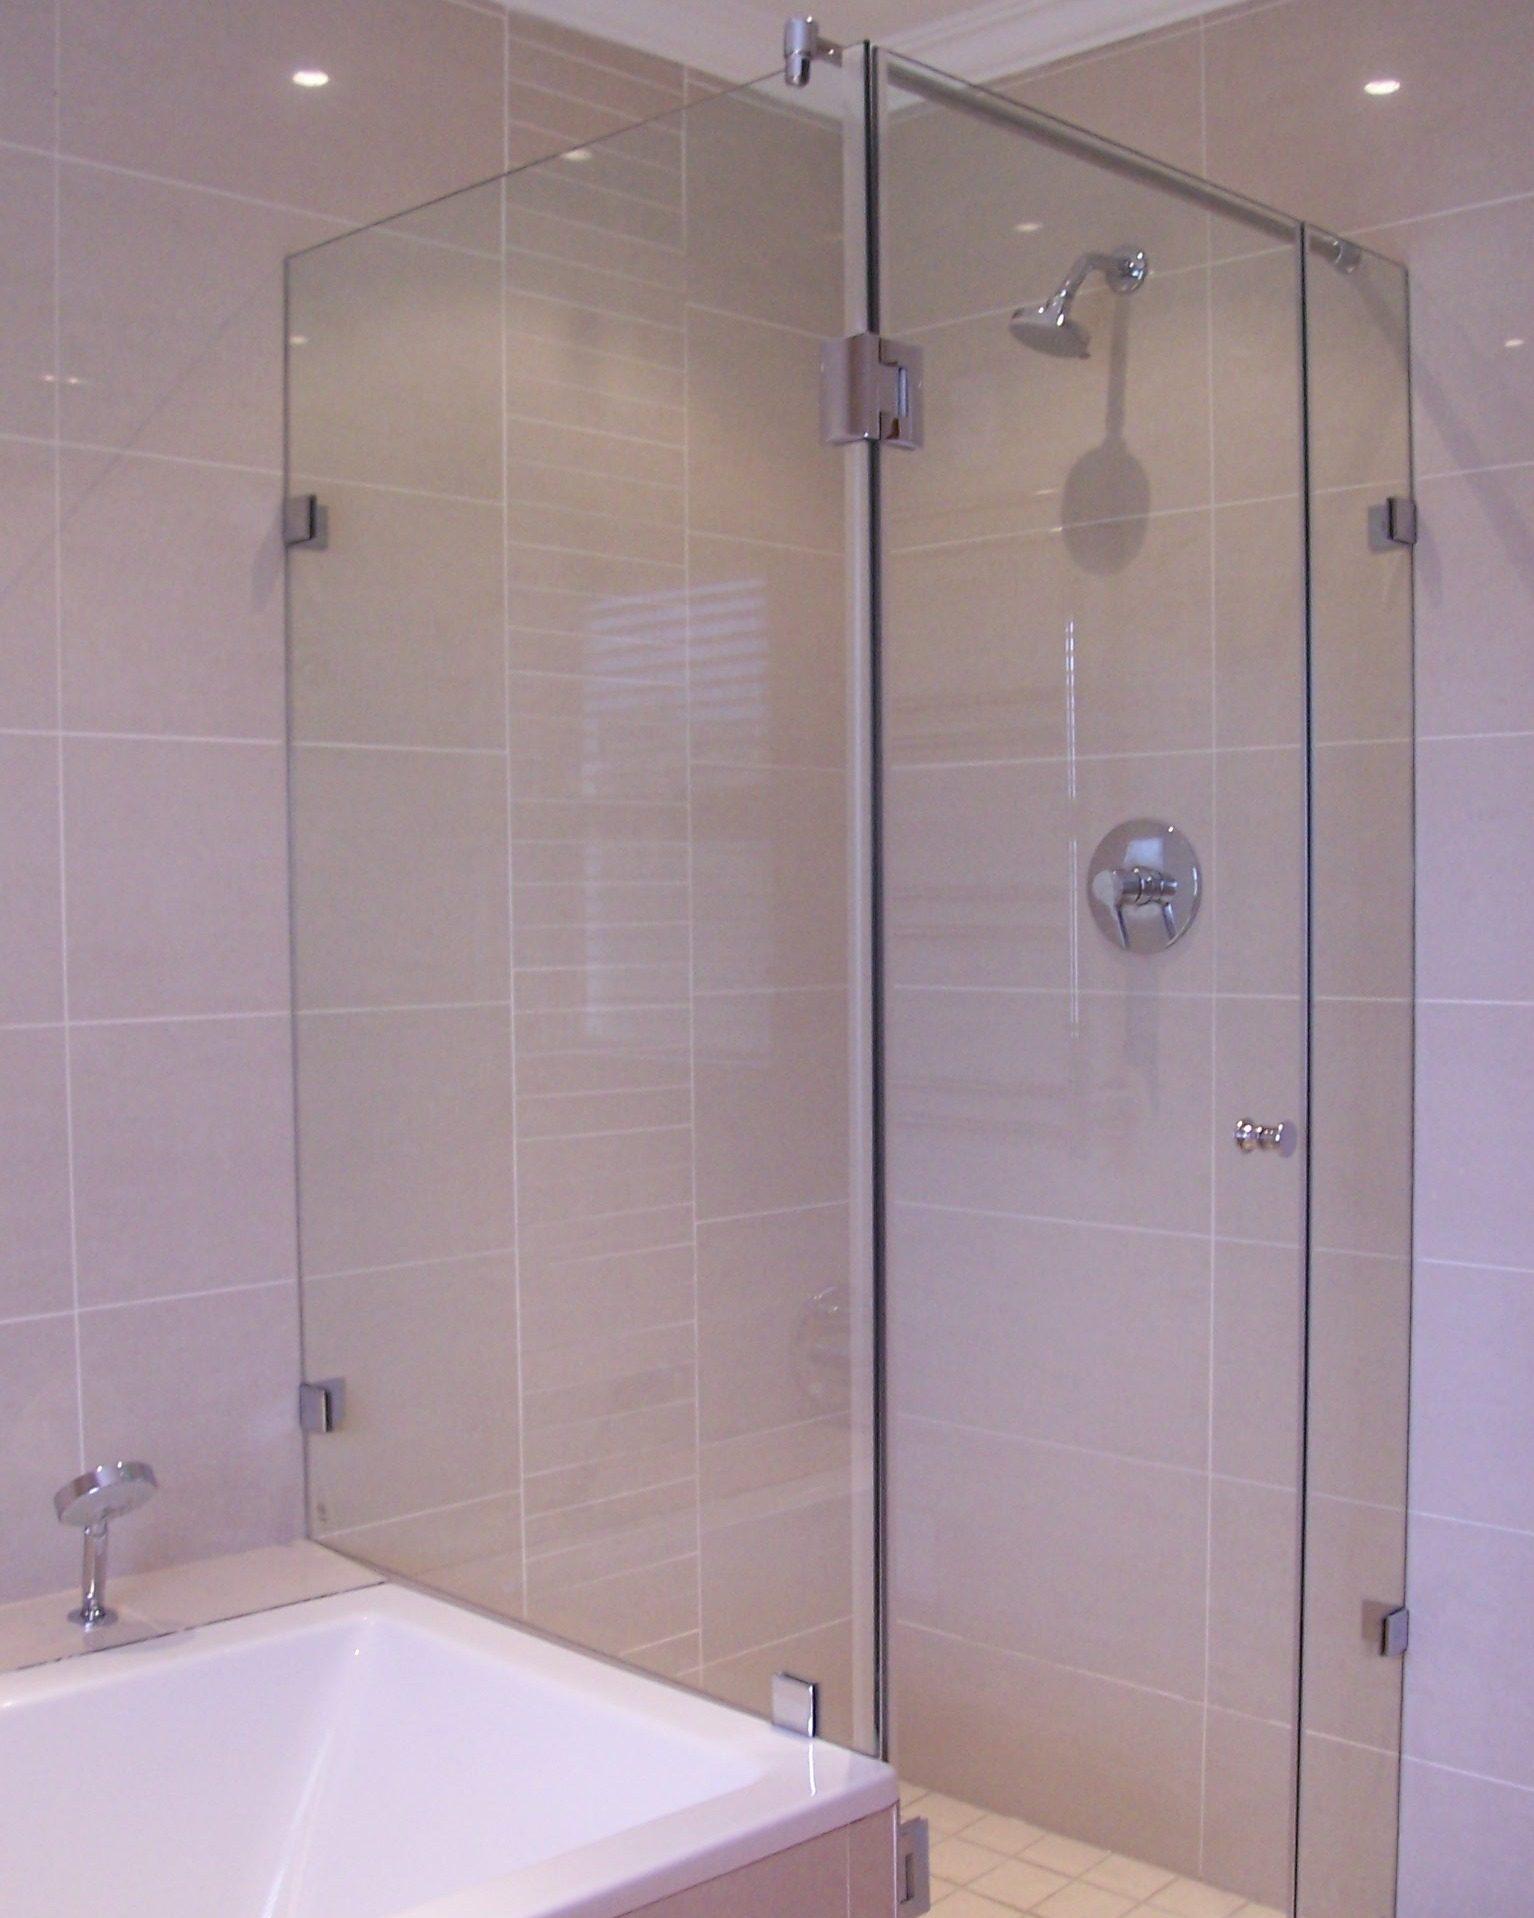 Return Panel on bath, Door, In-line Panel